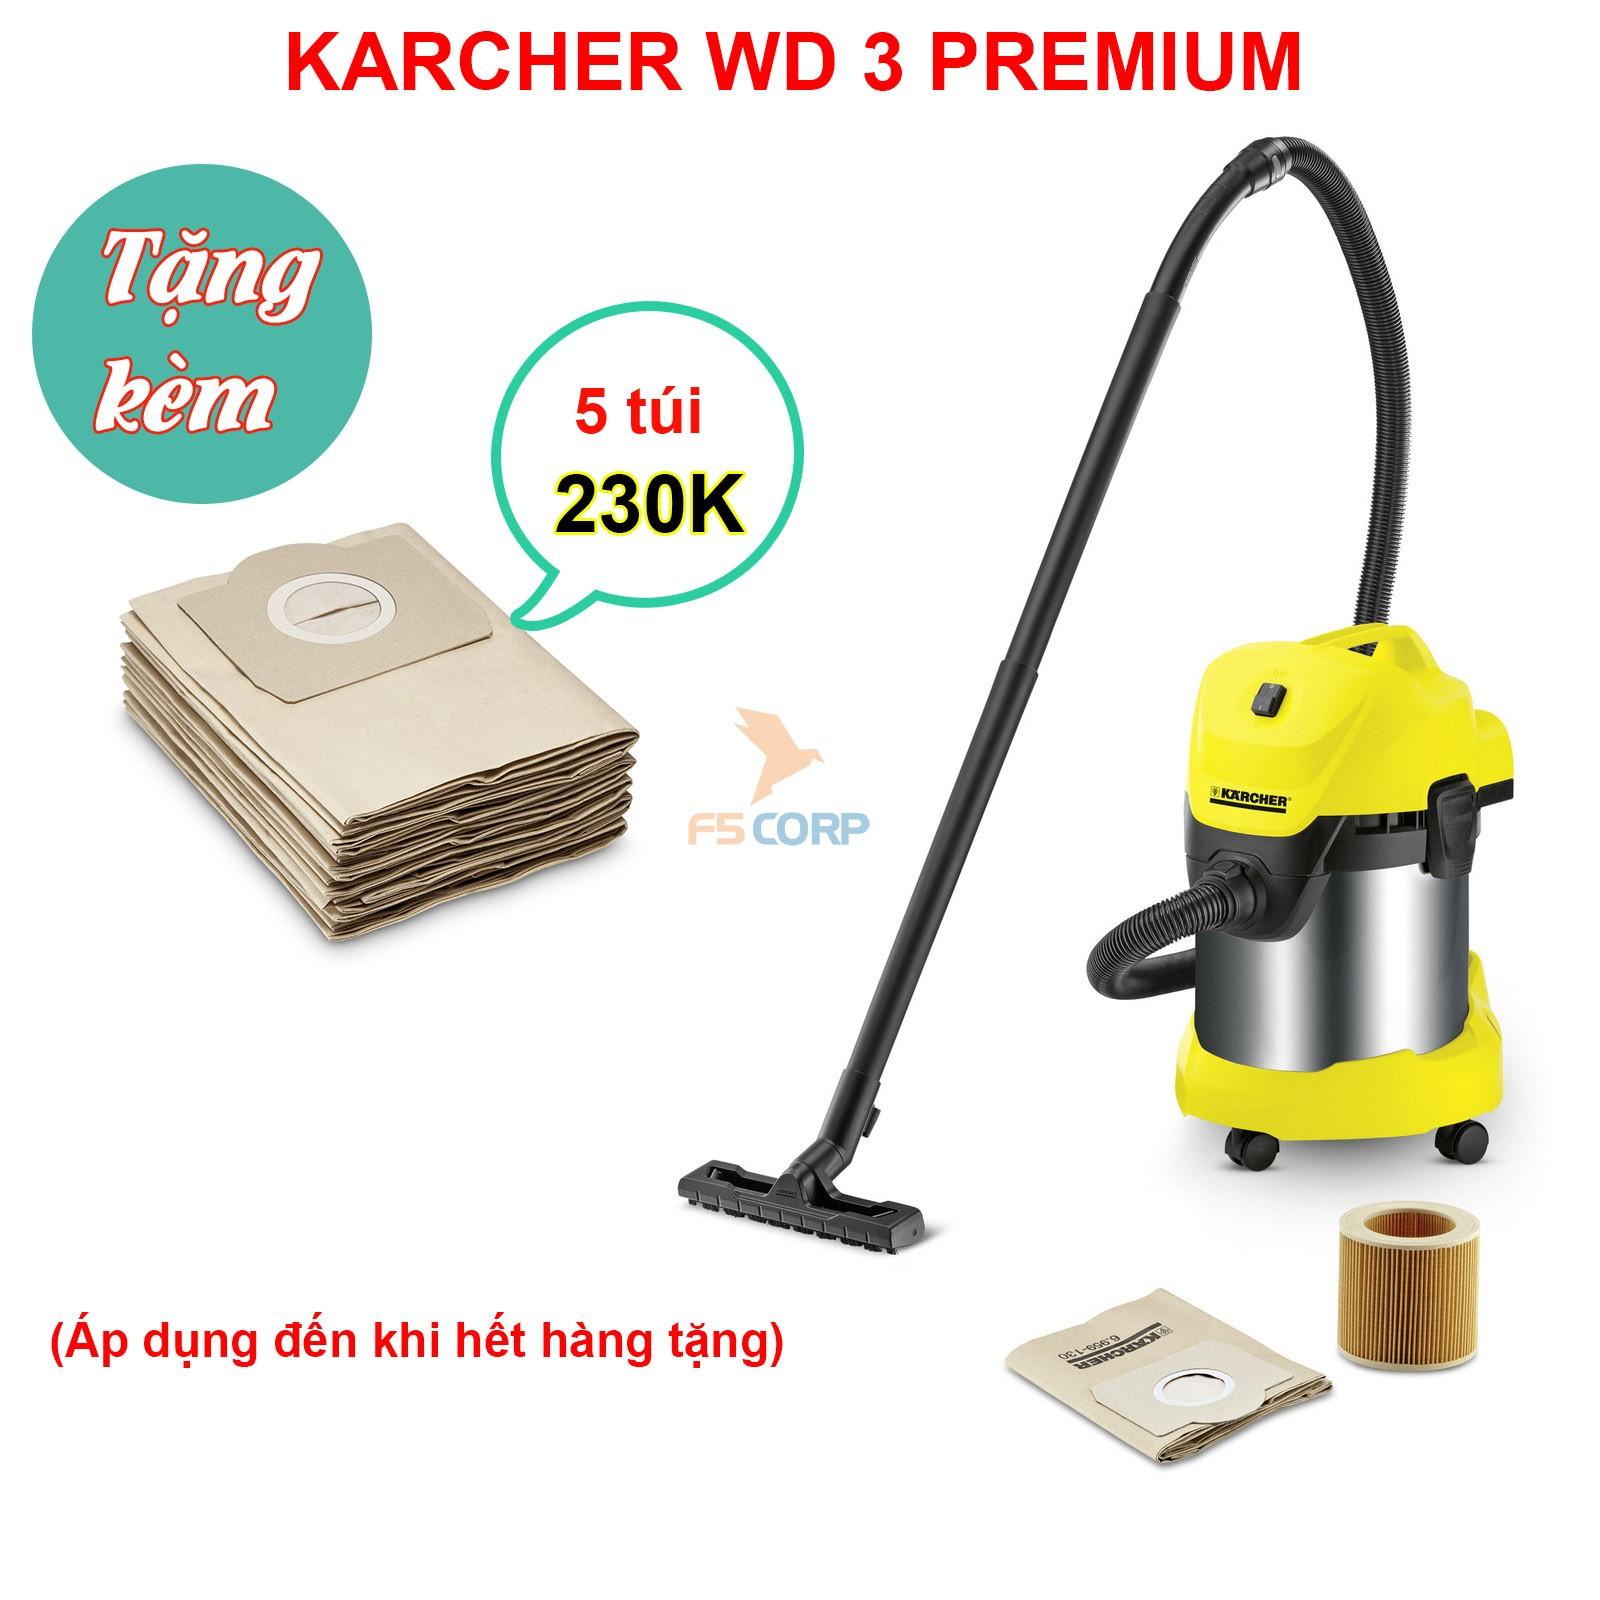 Máy hút bụi - nước và thổi Karcher WD 3 Premium